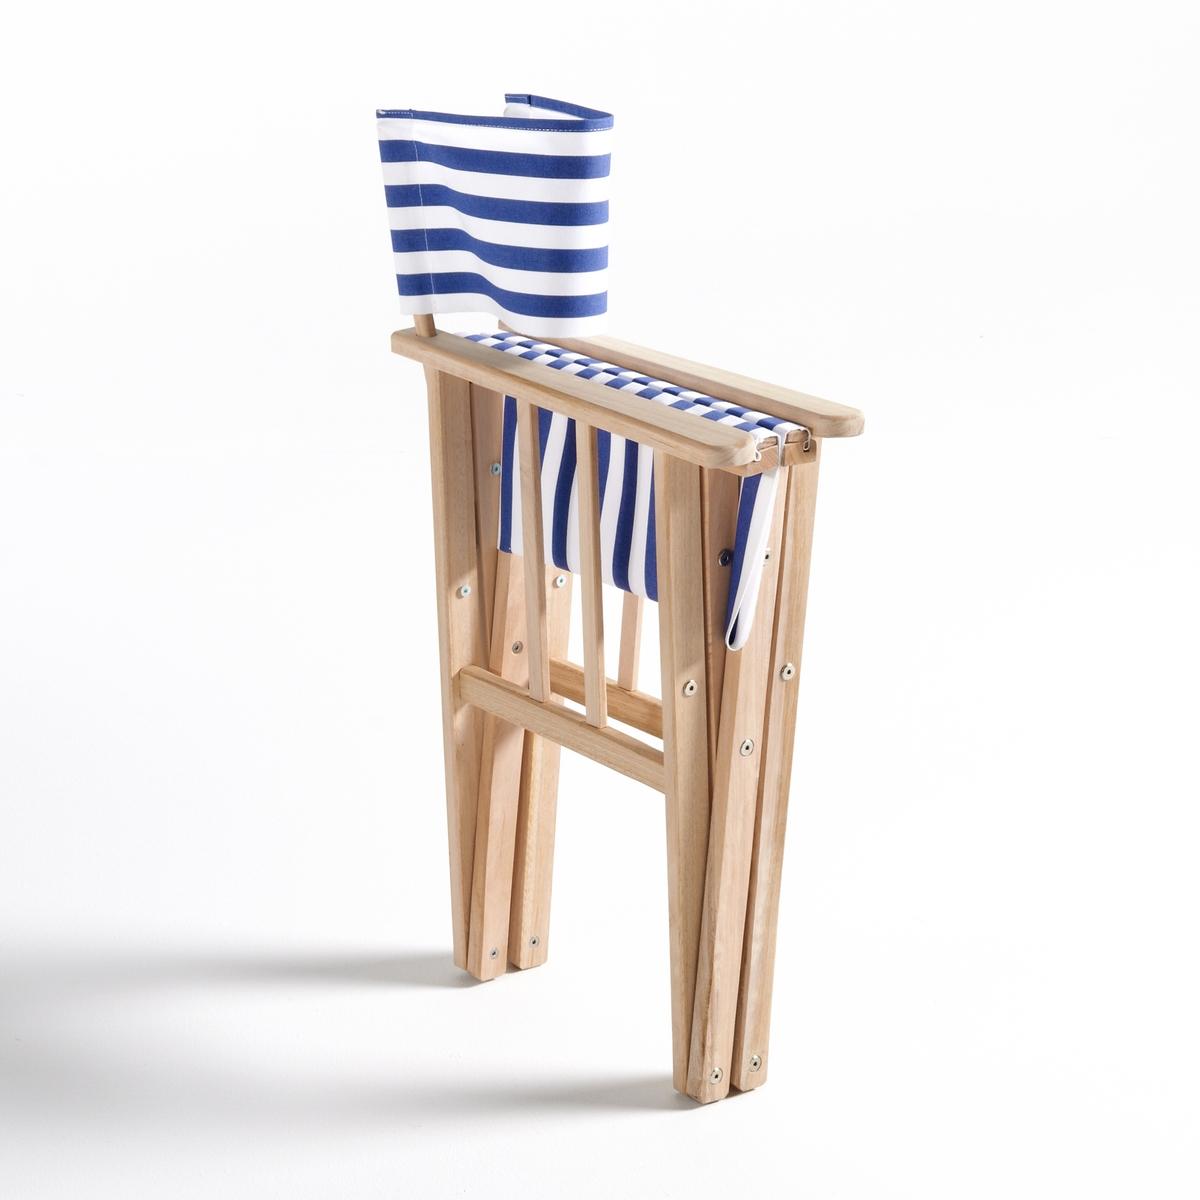 Кресло режиссерское складное в полоску, Dovil